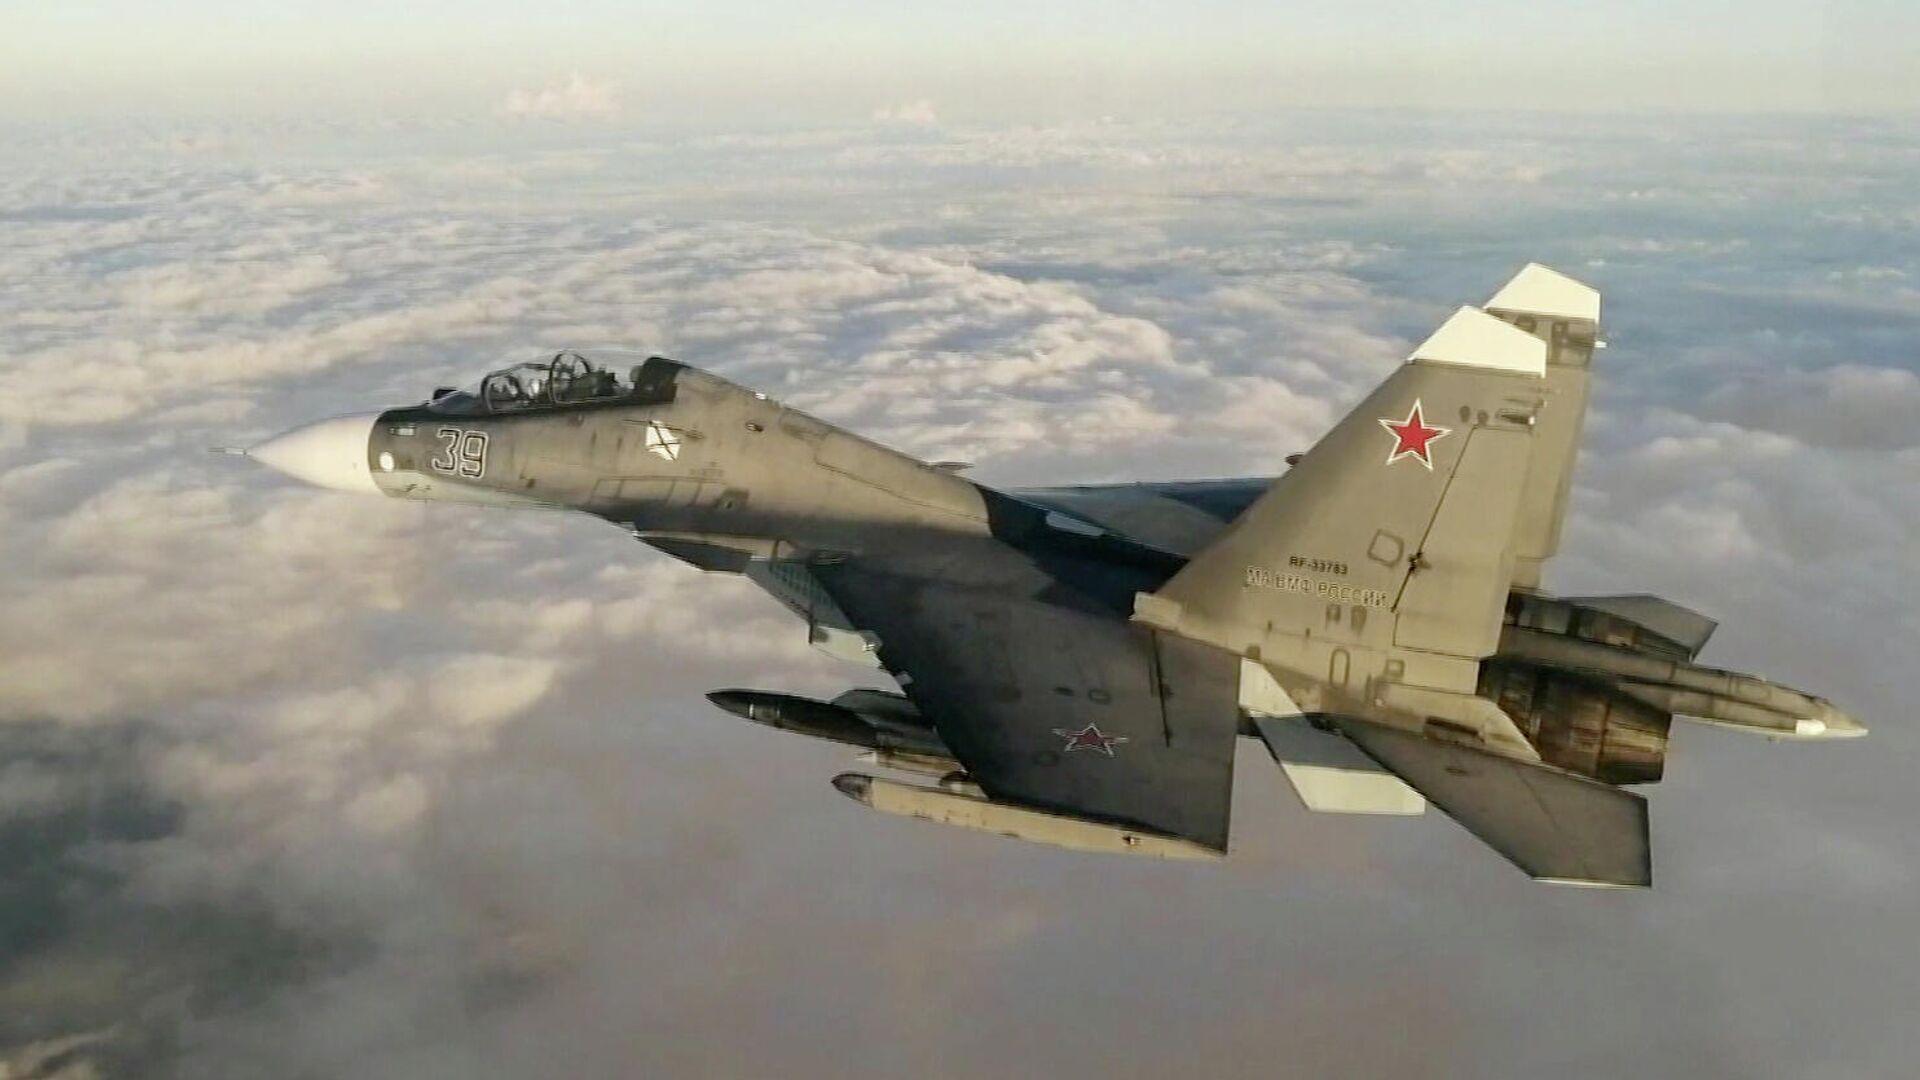 Истребитель Су-30 из состава дежурных морской авиации и противовоздушной обороны Черноморского флота во время сопровождения самолета Boeing P-8 Poseidon ВМС США над Черным морем. Стоп-кадр видео - РИА Новости, 1920, 11.07.2021